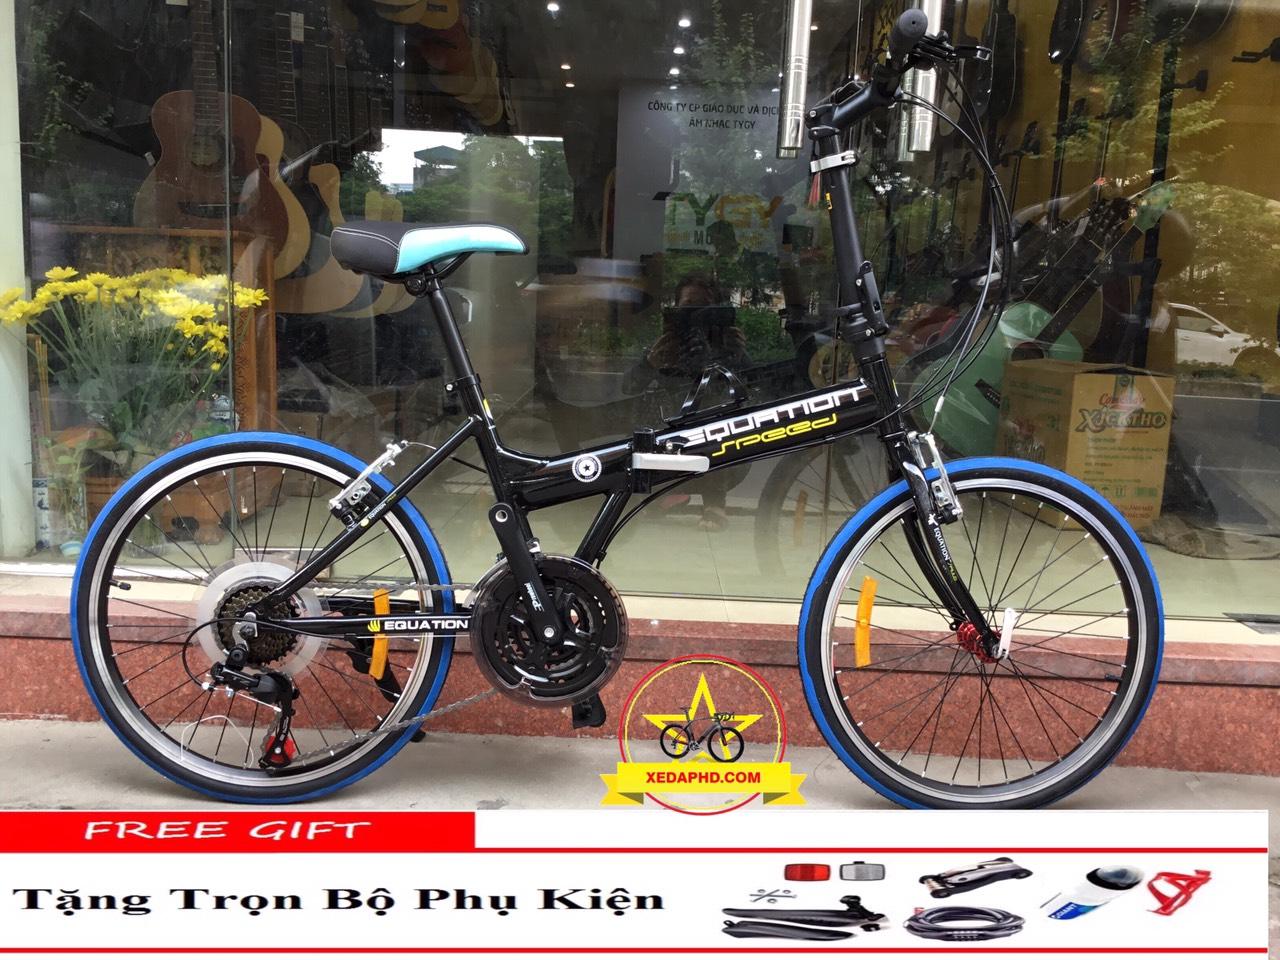 xe đạp gấp EQUATION khung nhôm